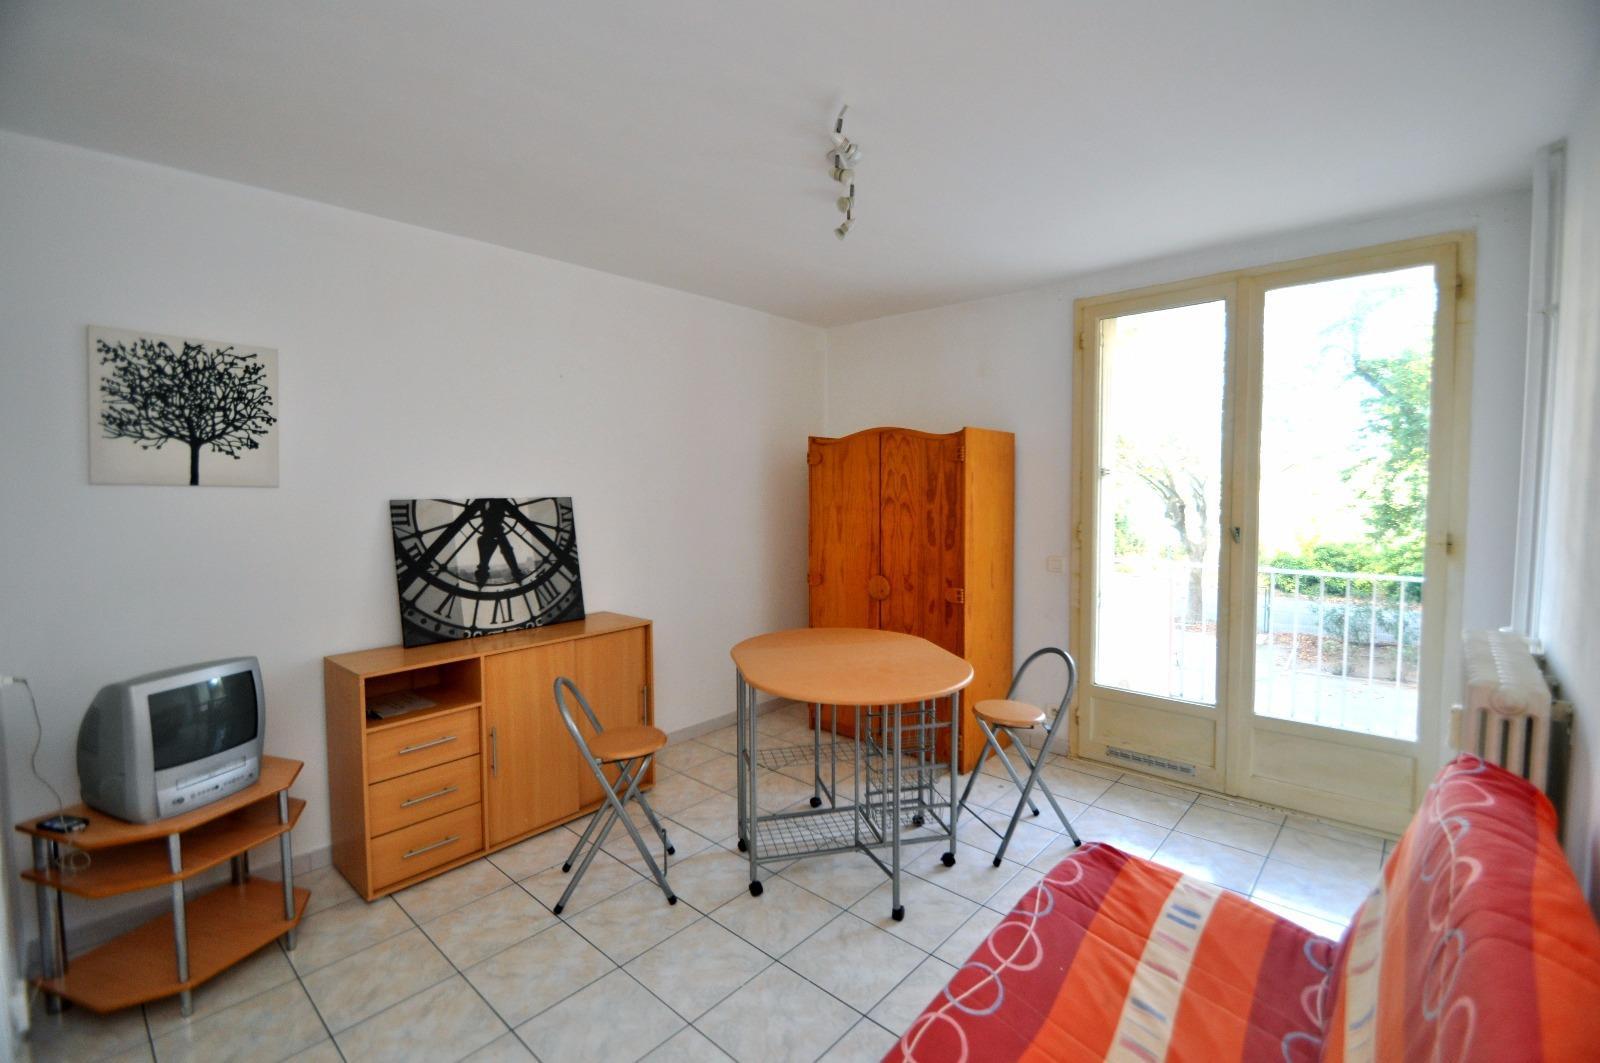 Location studio meuble perpignan quartier des platanes studio de annonce perpignan - Location studio meuble perpignan ...